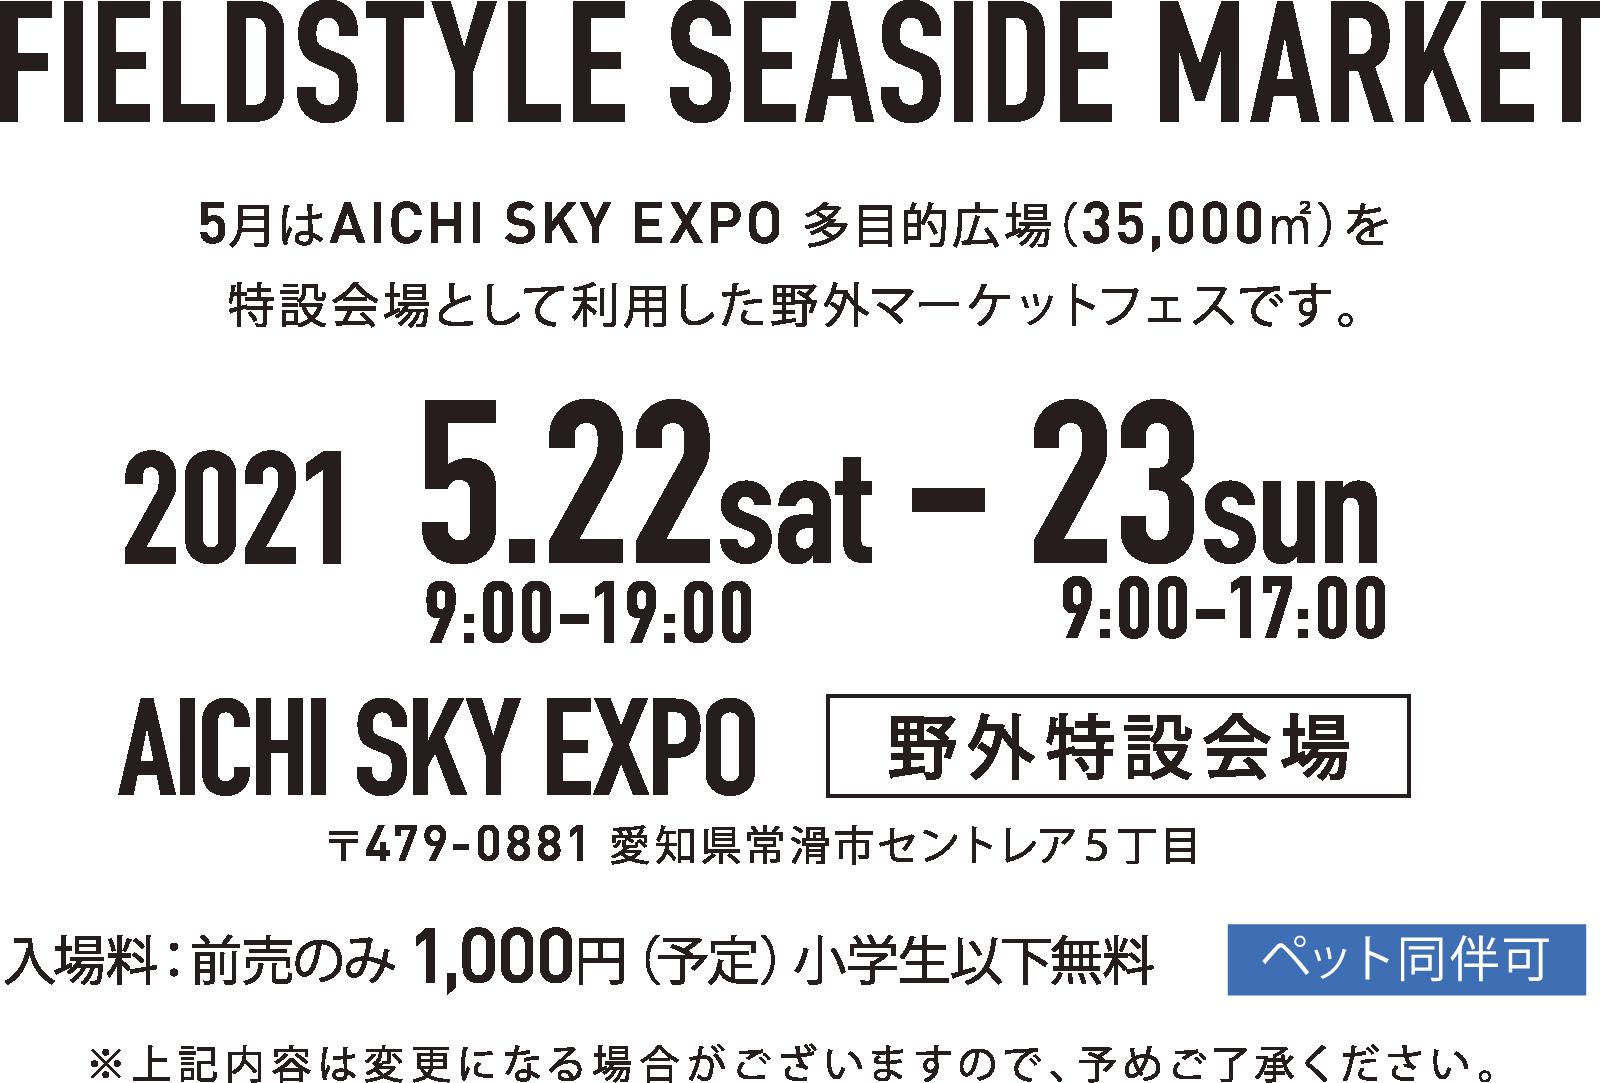 Field Style SEASIDE MARKET